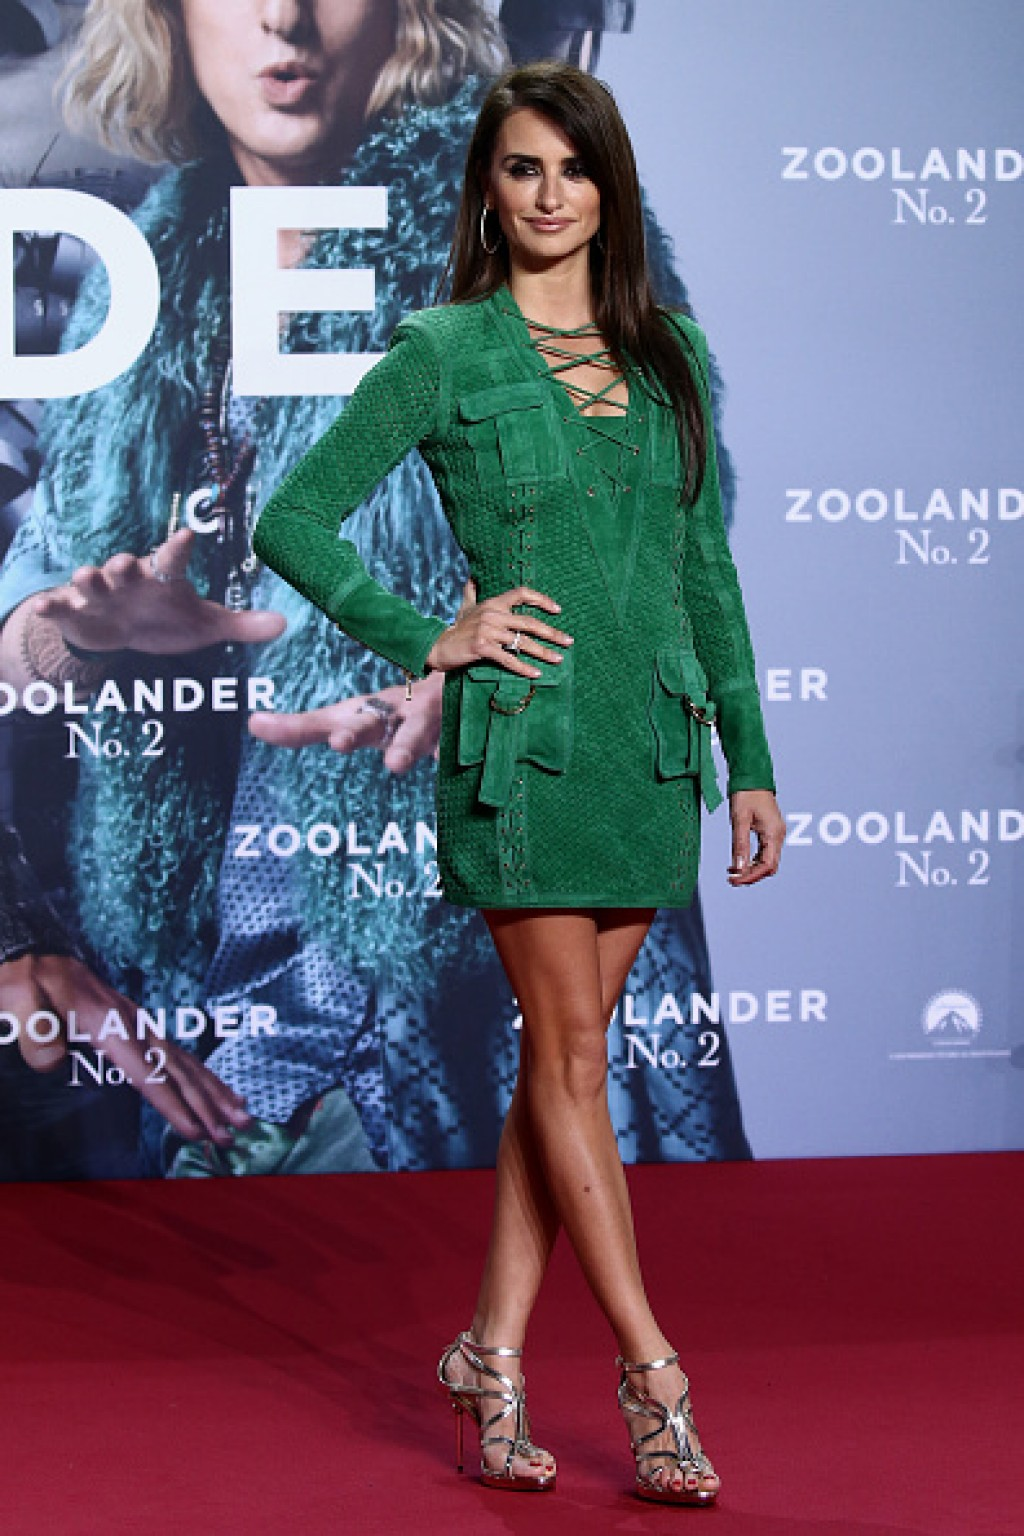 Zoolander-No.-2-Berlin-Fan-Screening-Penelope-Cruz-1024x1536